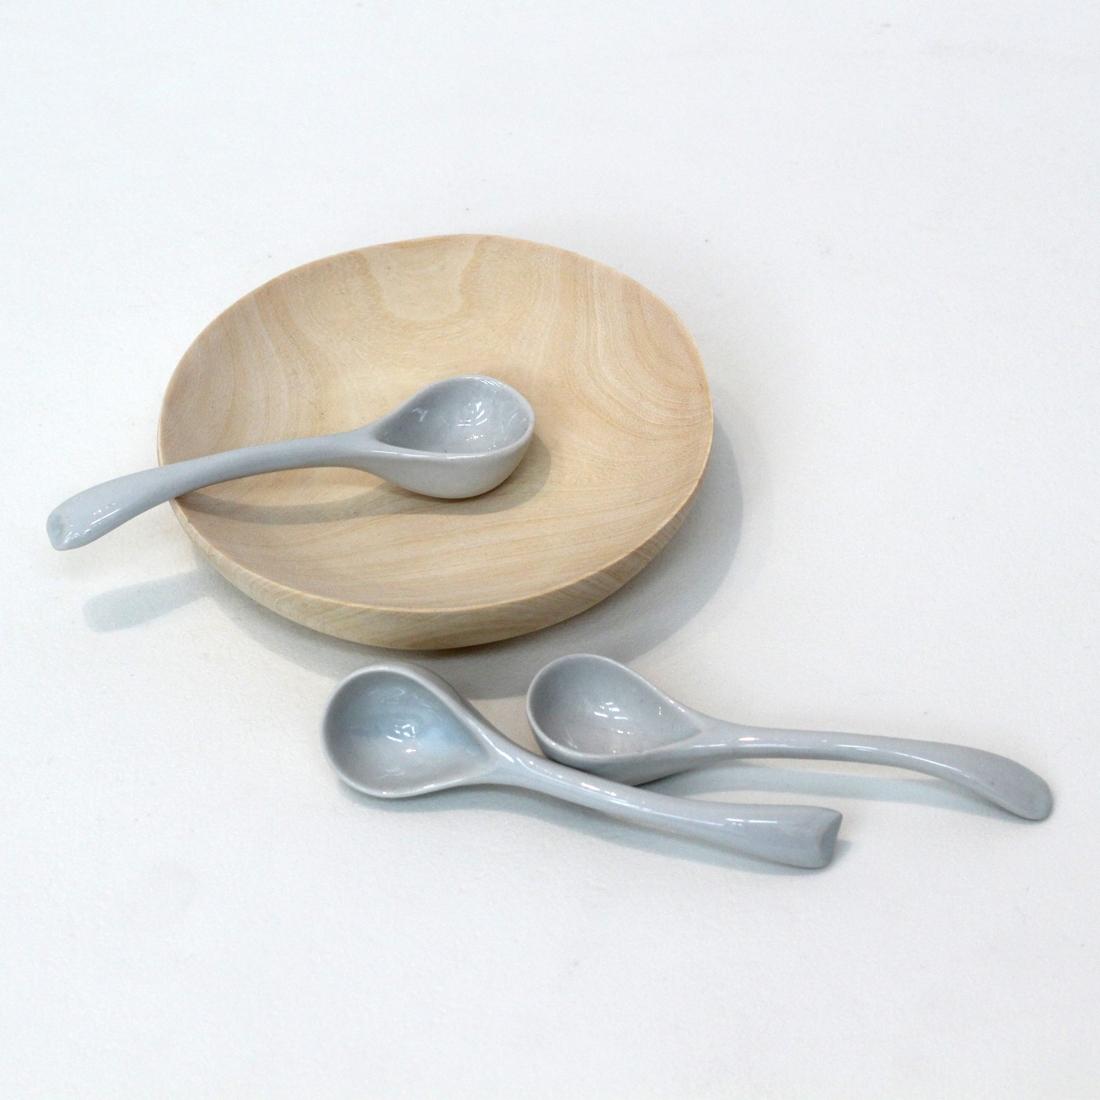 Cuillère en céramique